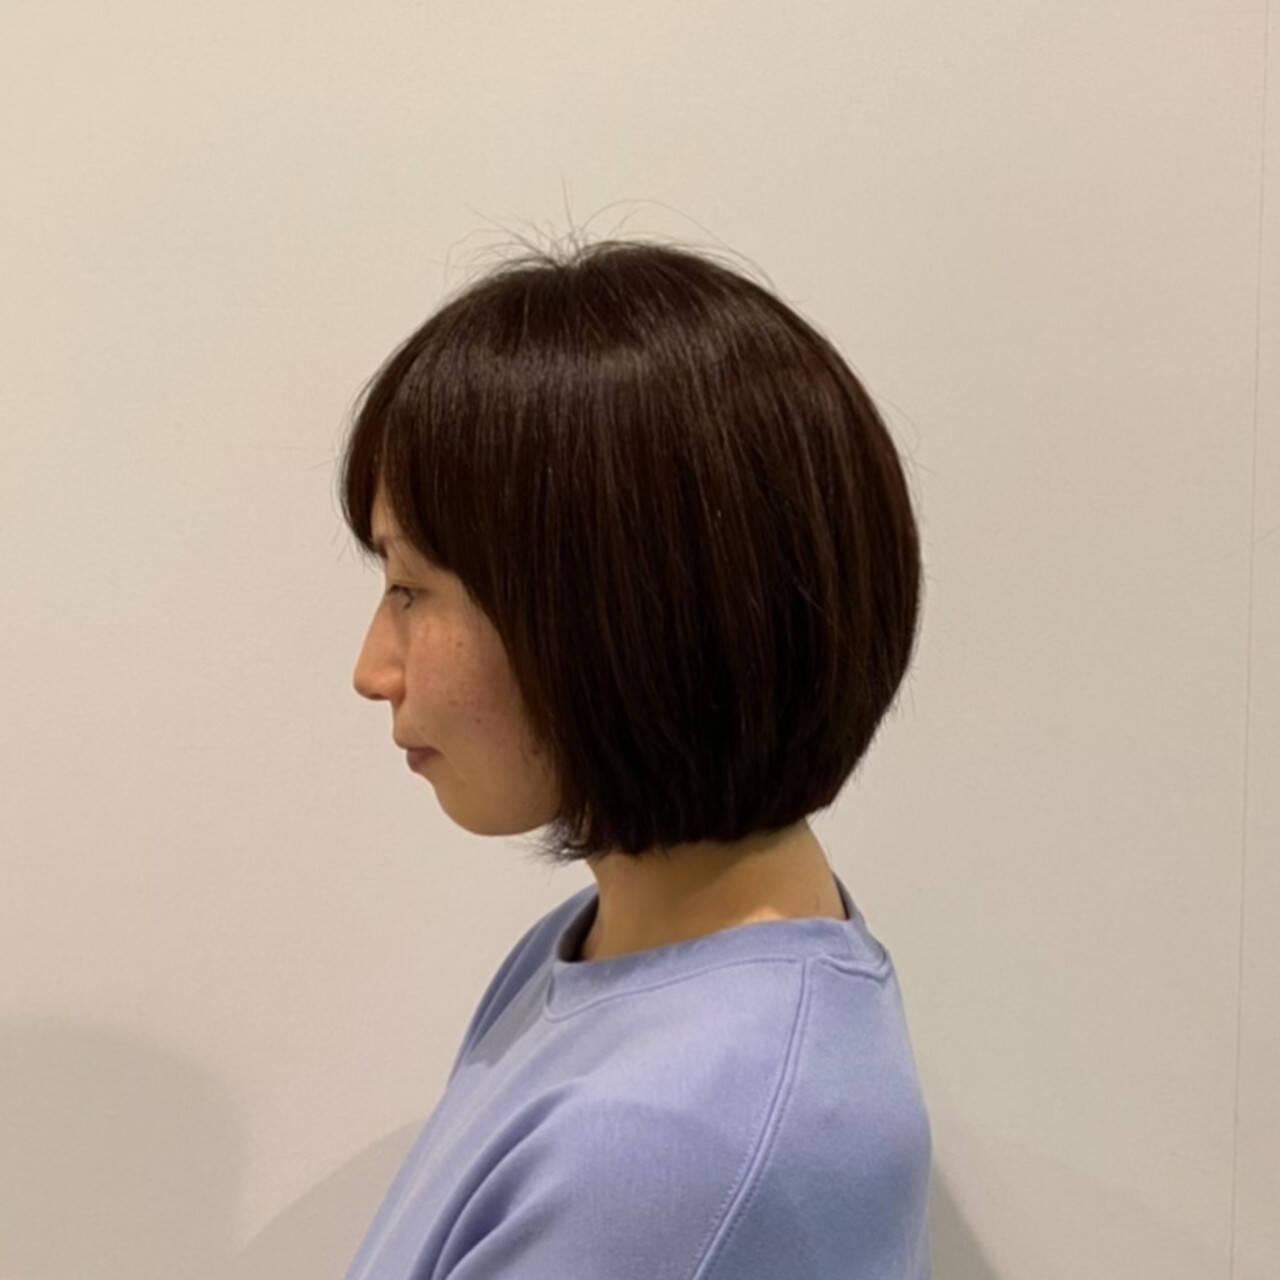 ボブ ミニボブ ナチュラル ショートボブヘアスタイルや髪型の写真・画像